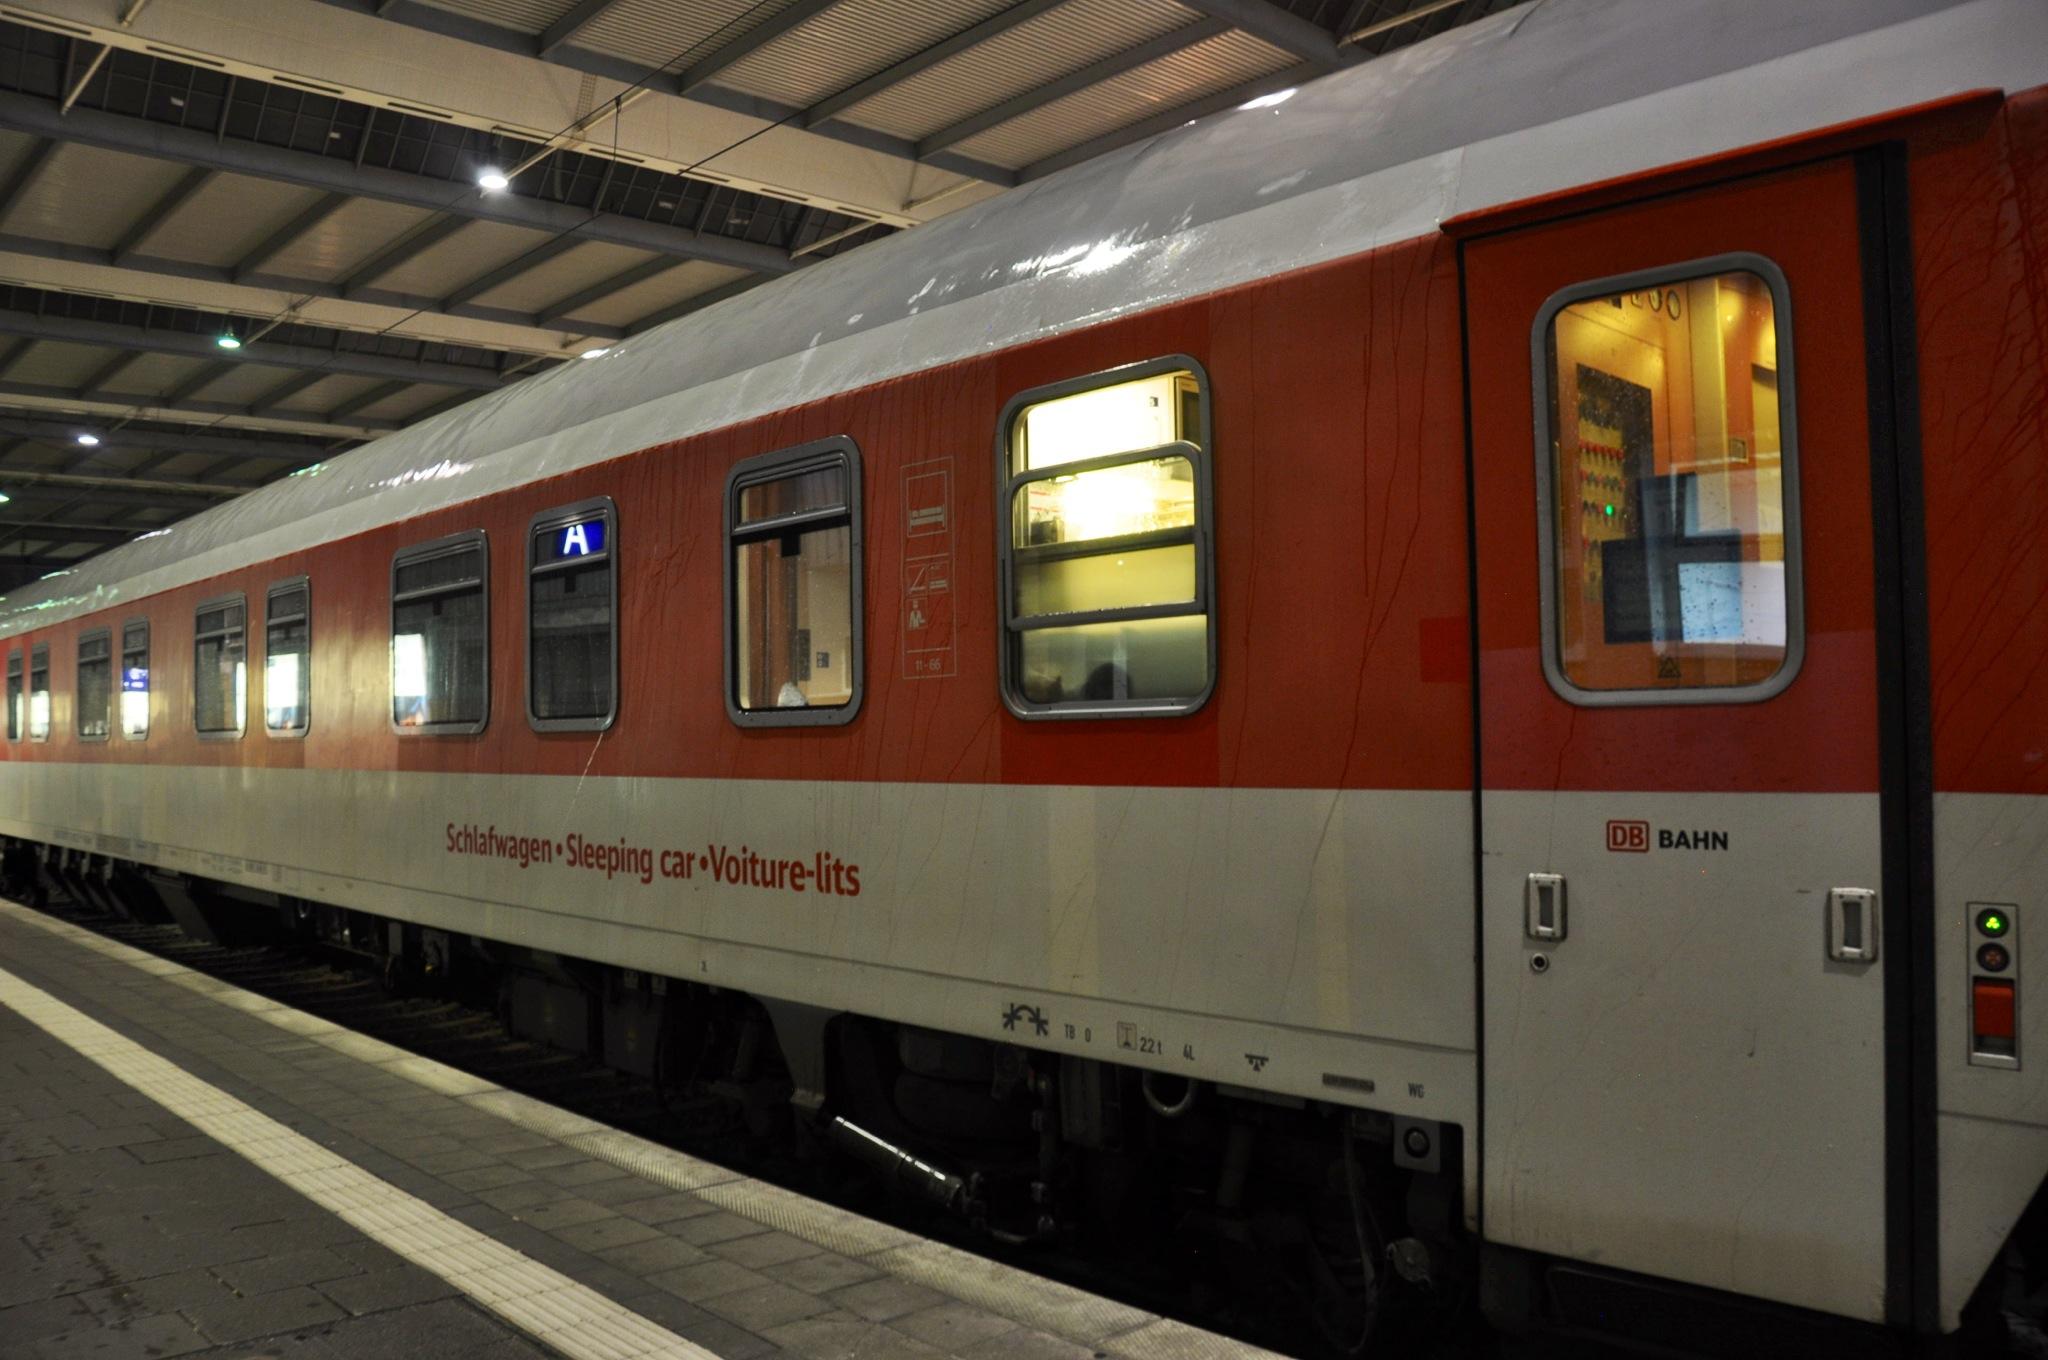 Night train exterior